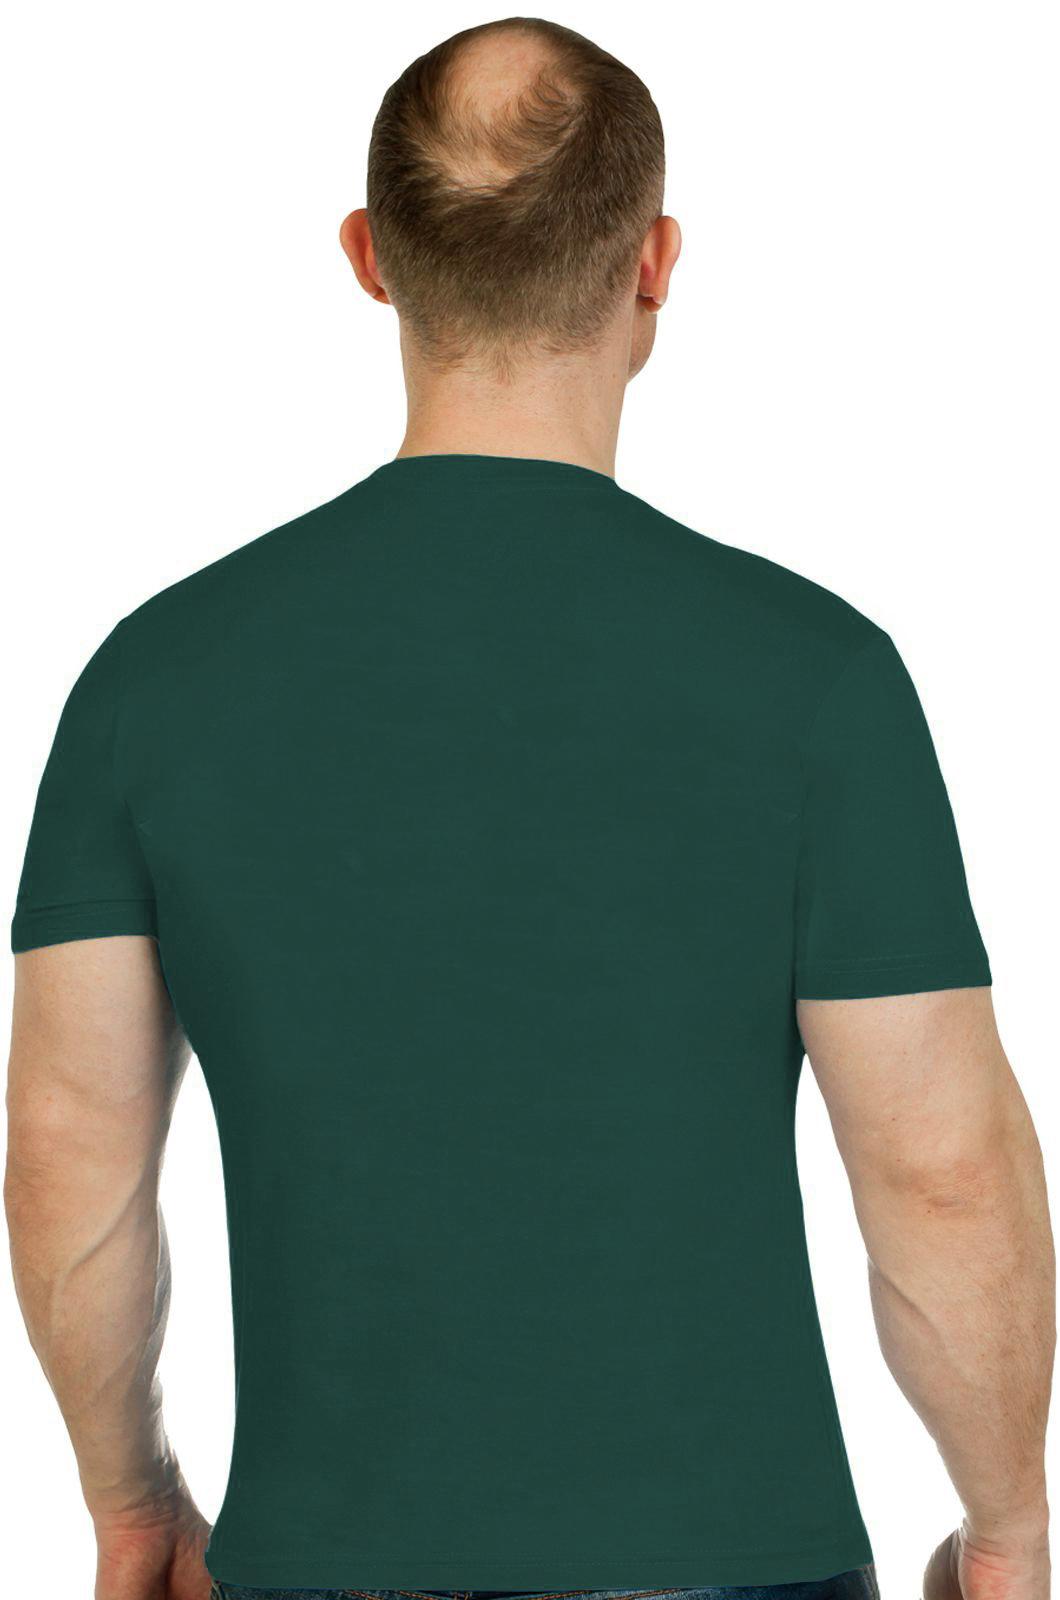 Комфортная мужская футболка ПОГРАНВОЙСКА - купить онлайн